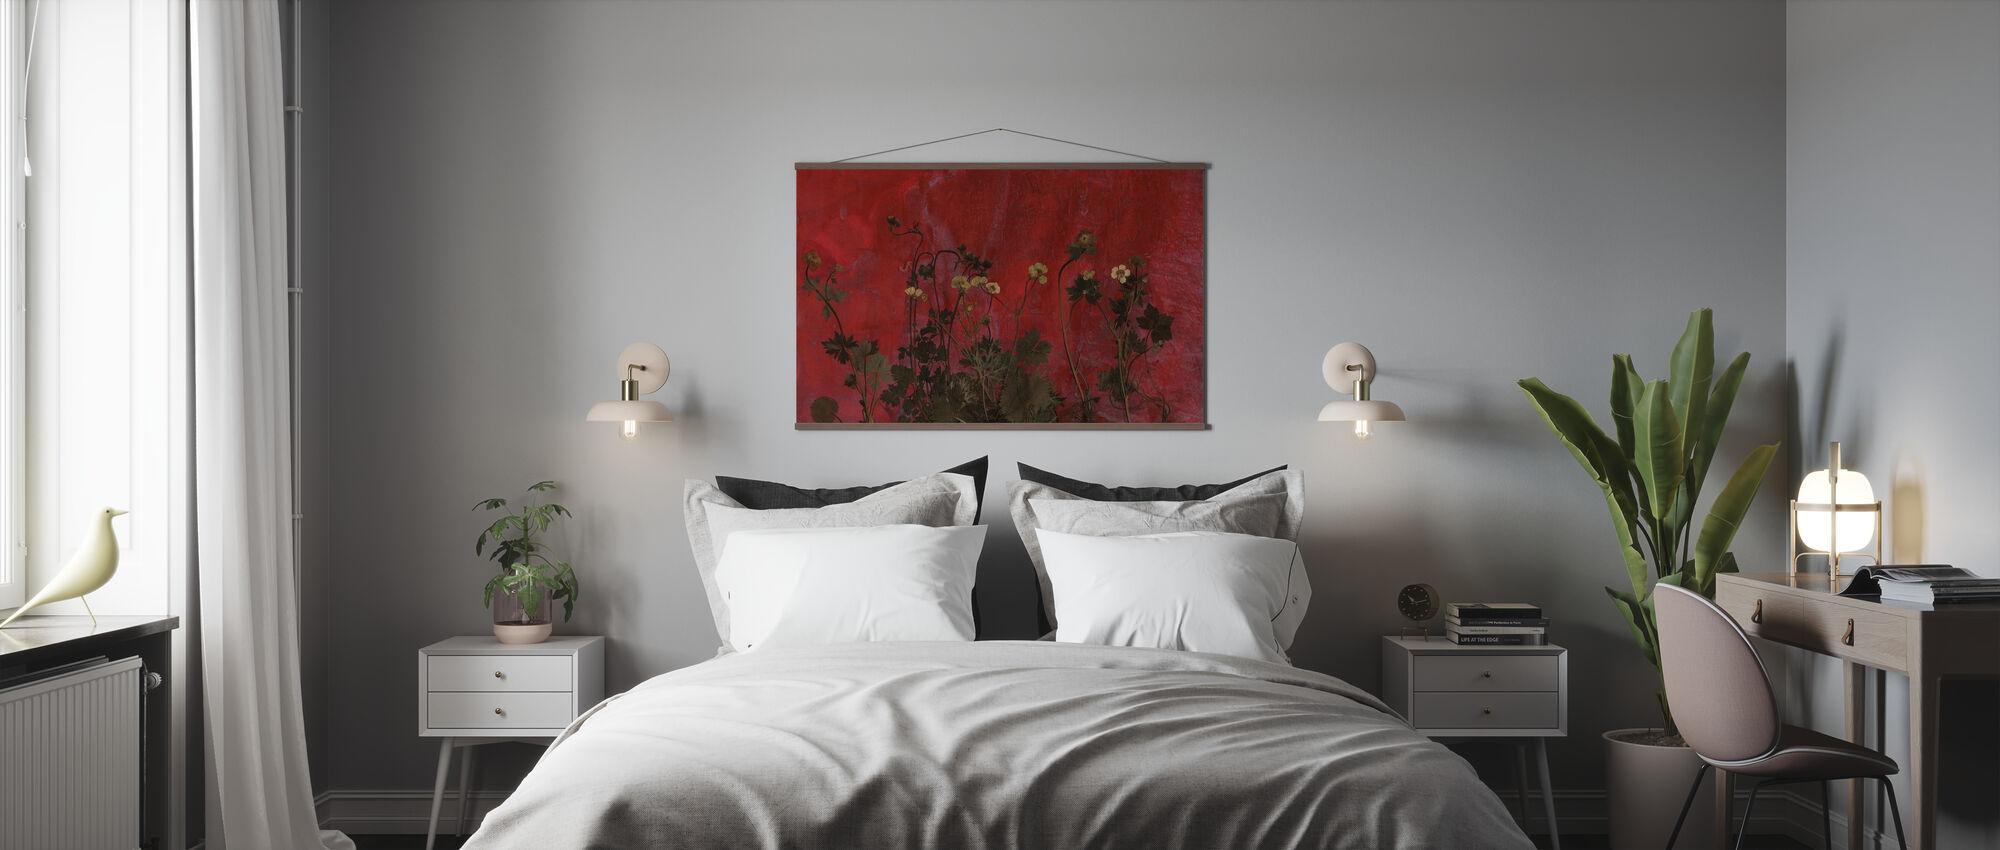 Meadow - Poster - Bedroom